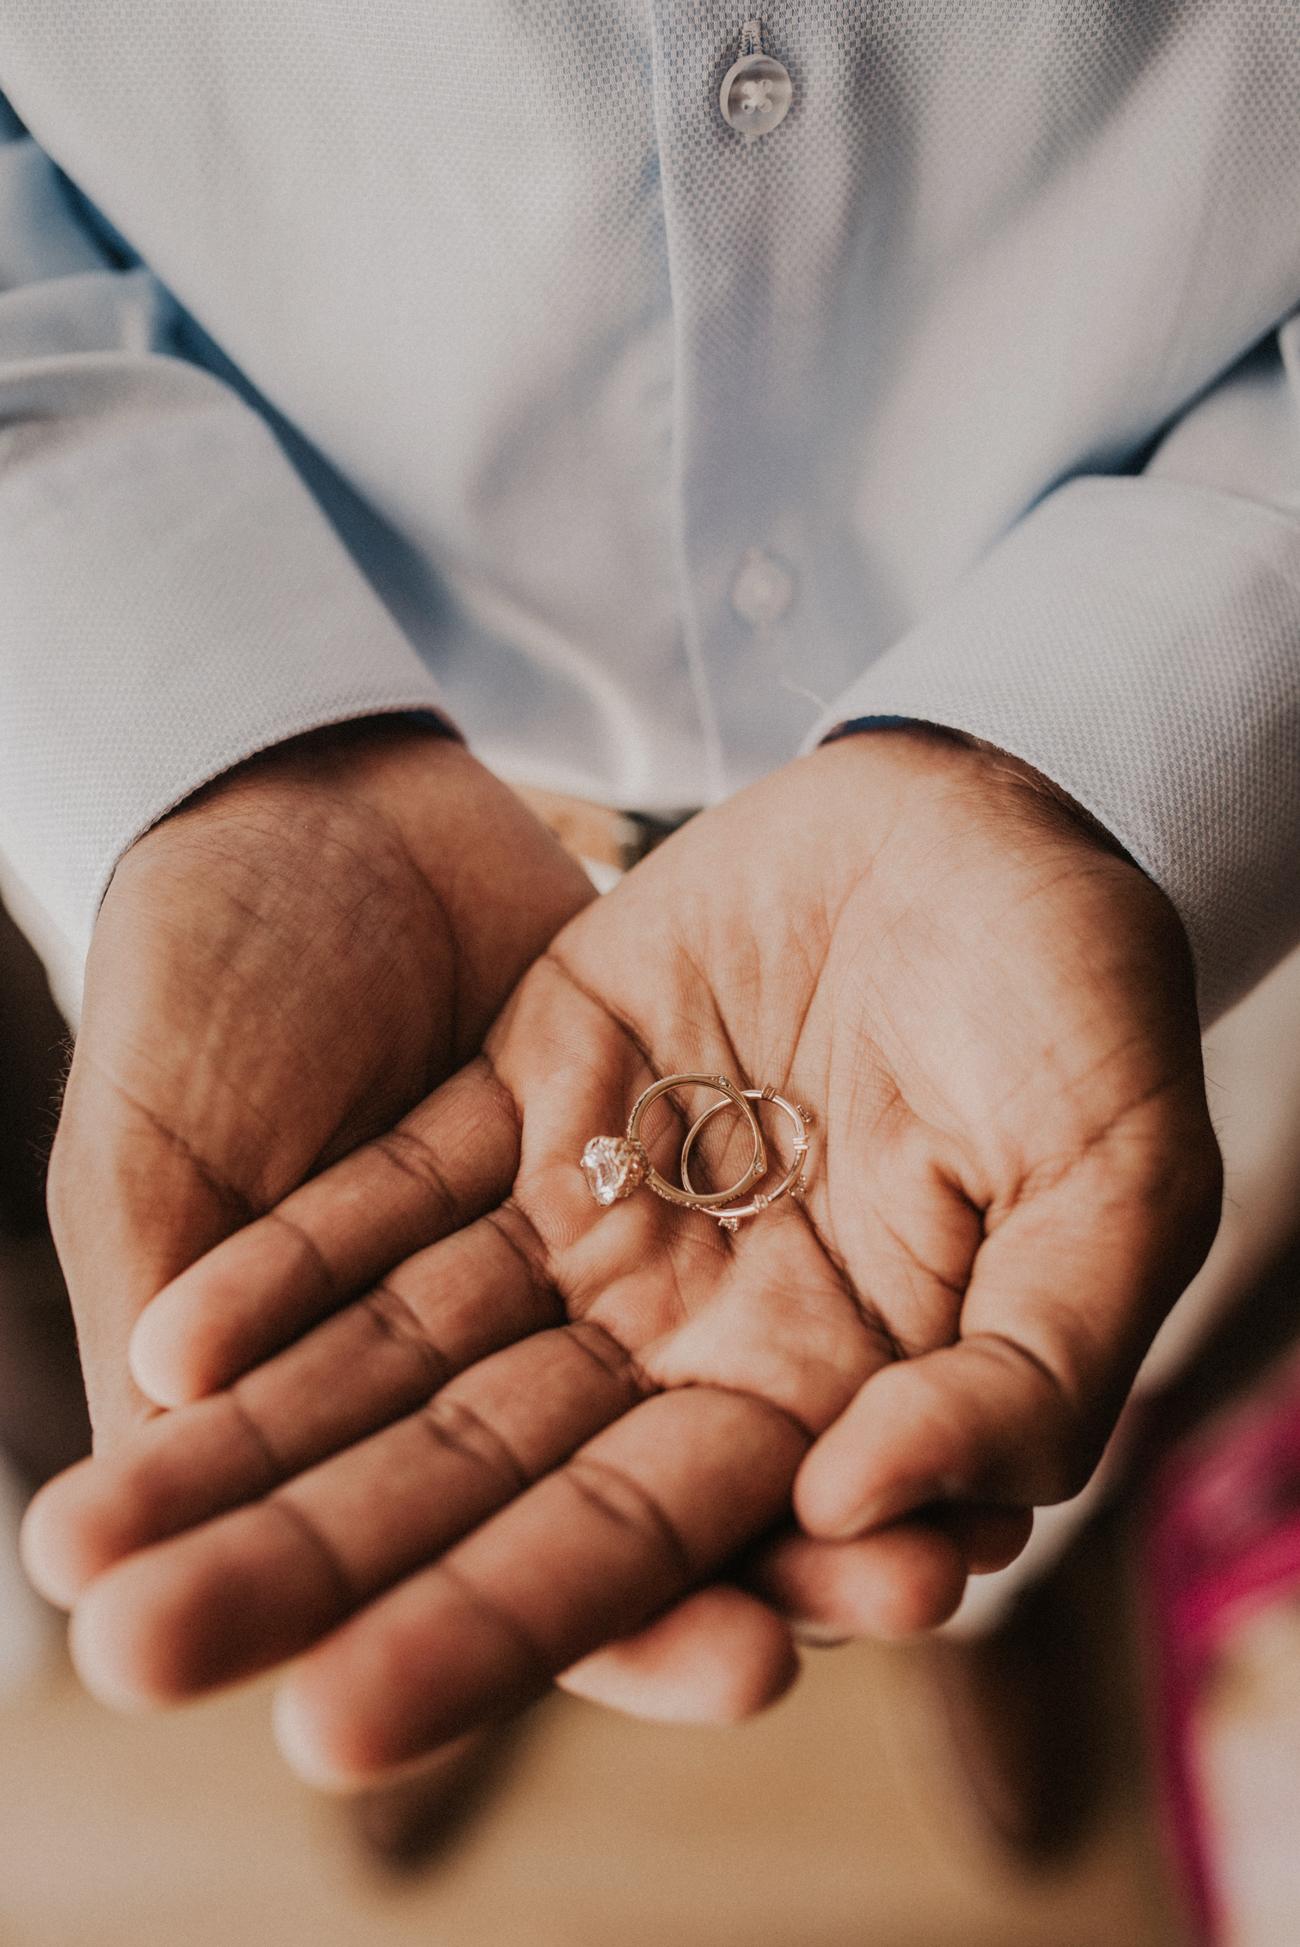 hands help open with elopement rings